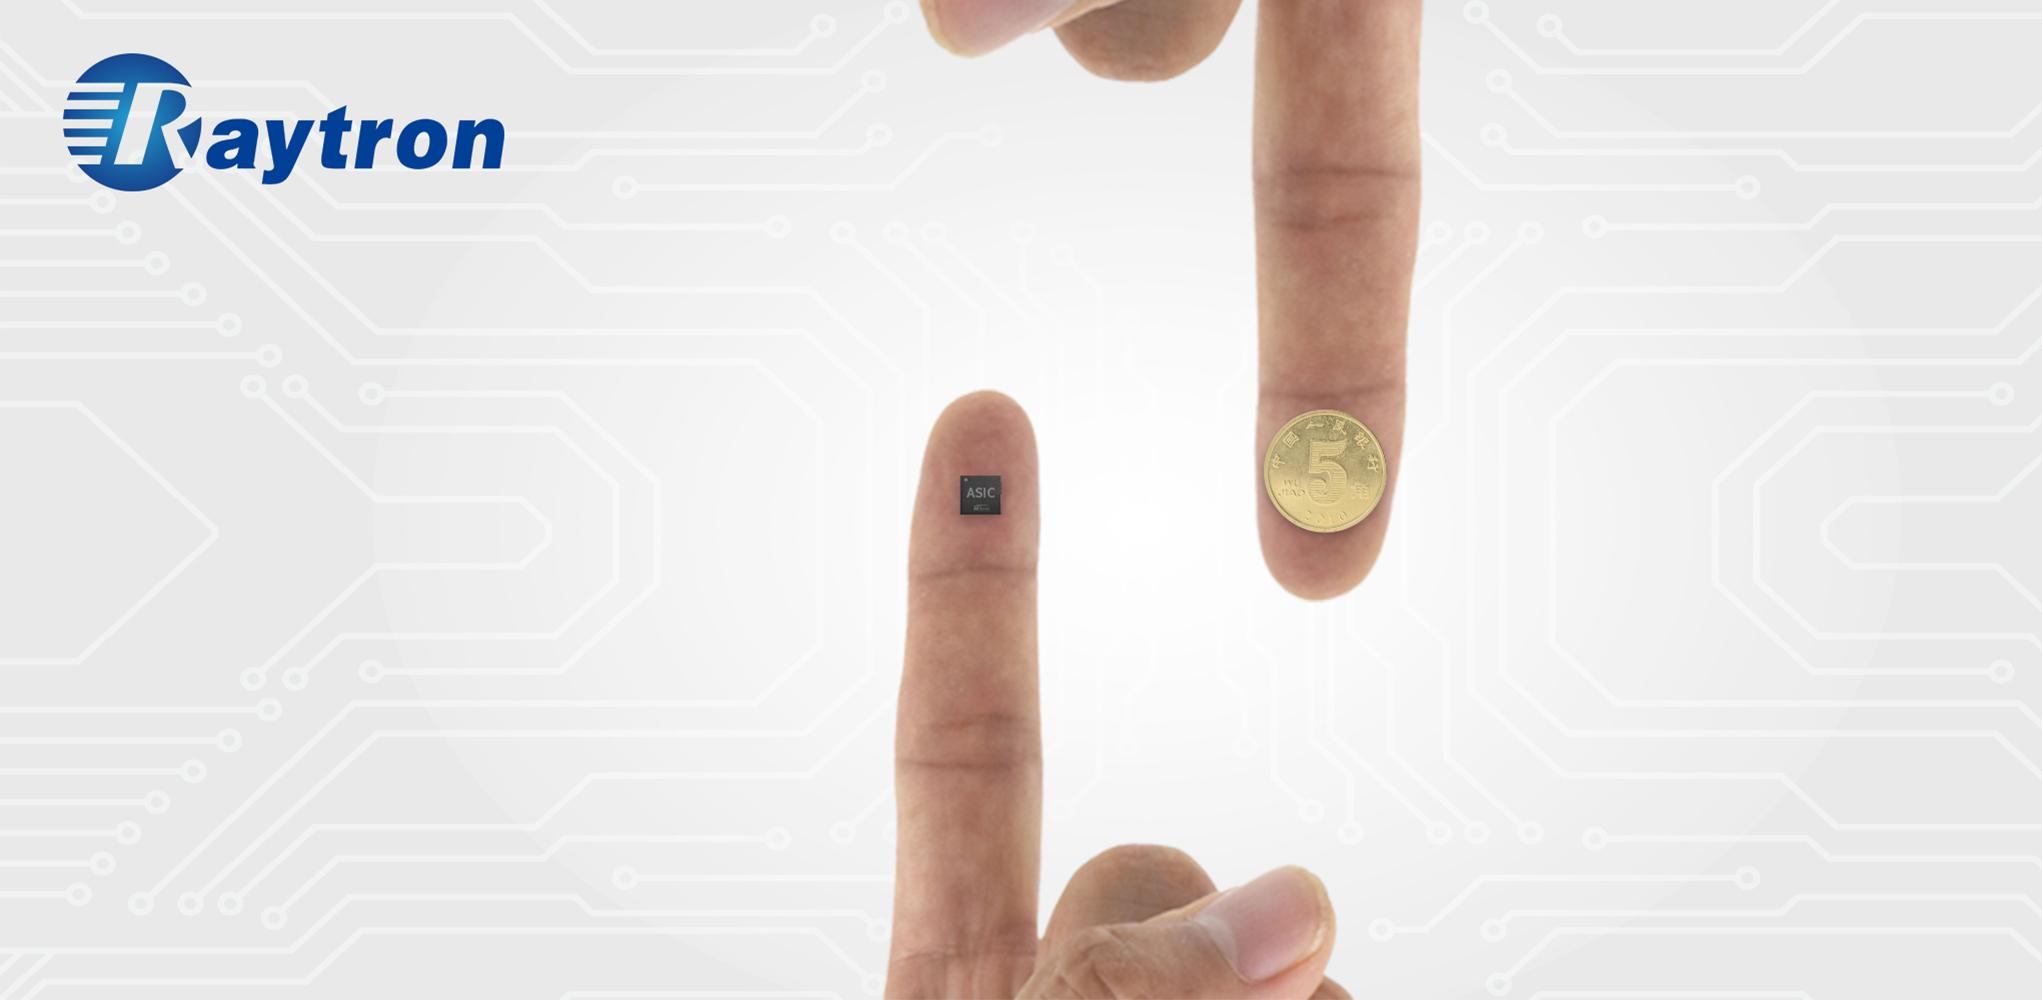 12微米红外热成像芯片+ASIC处理器芯片:睿创微纳助力智慧安消防红外夜视升级